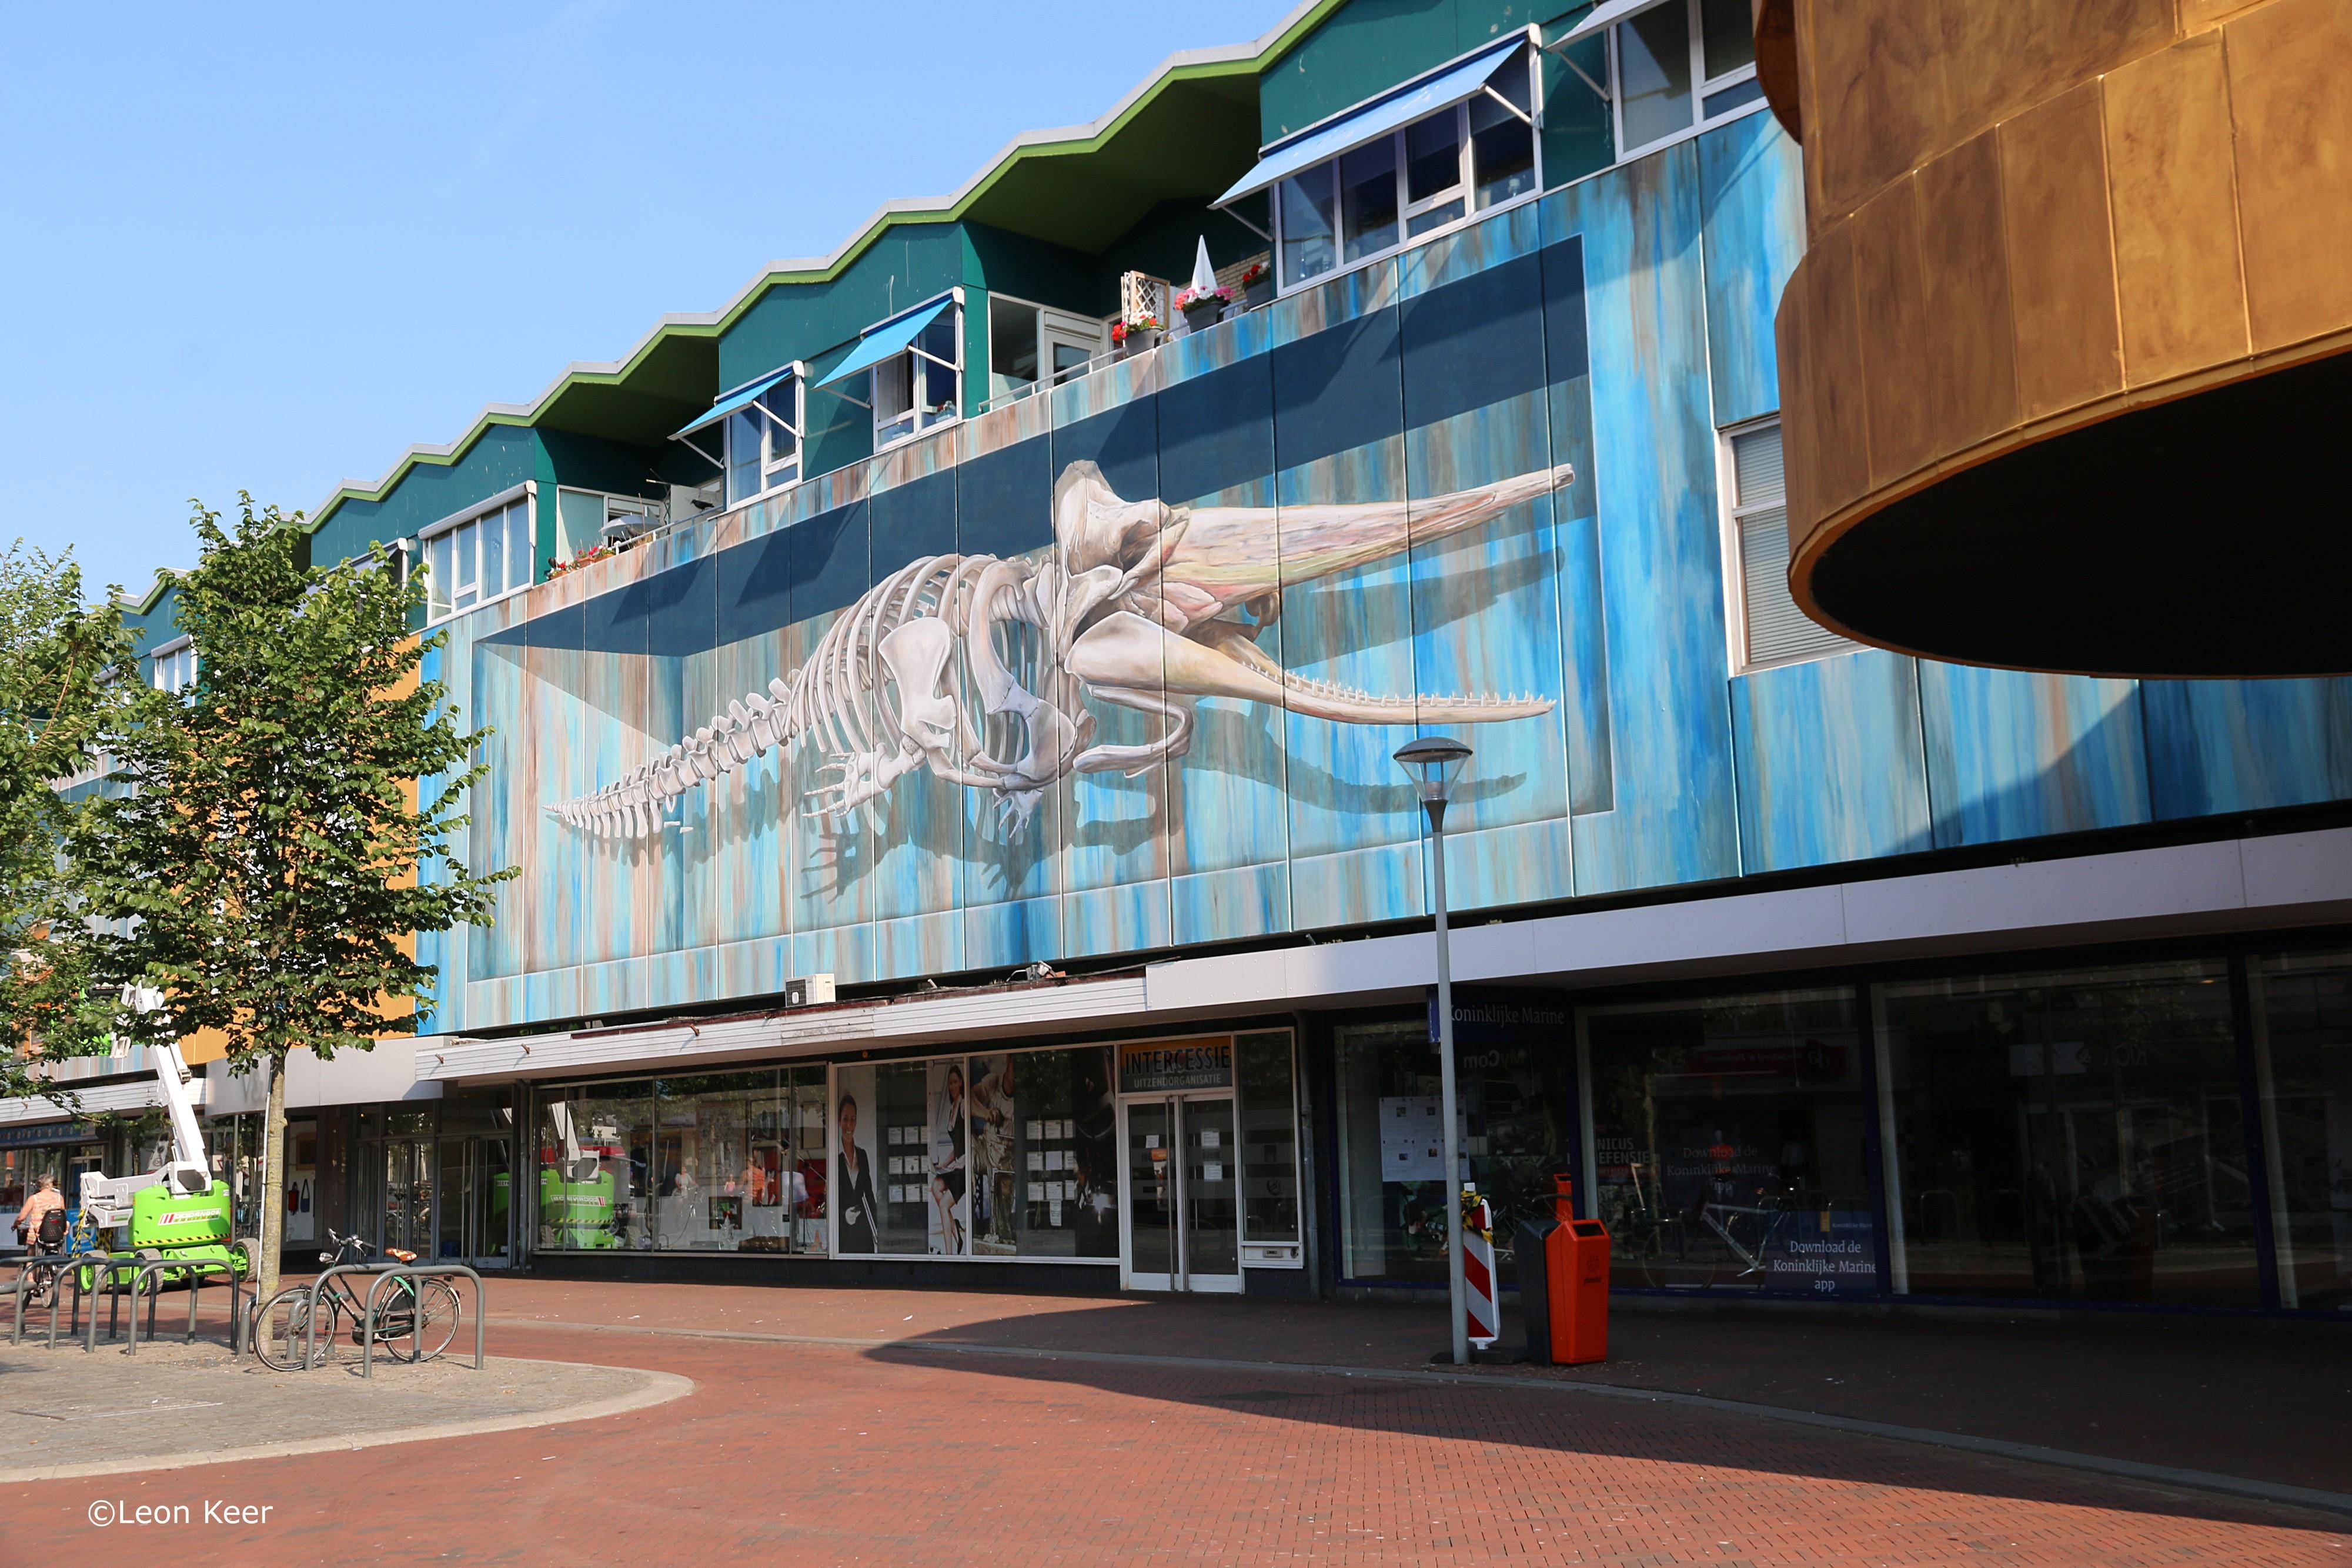 Met Chris de Potvis heeft Den Helder de grootste 3D mural van Nederland. (Foto: Leon Keer)